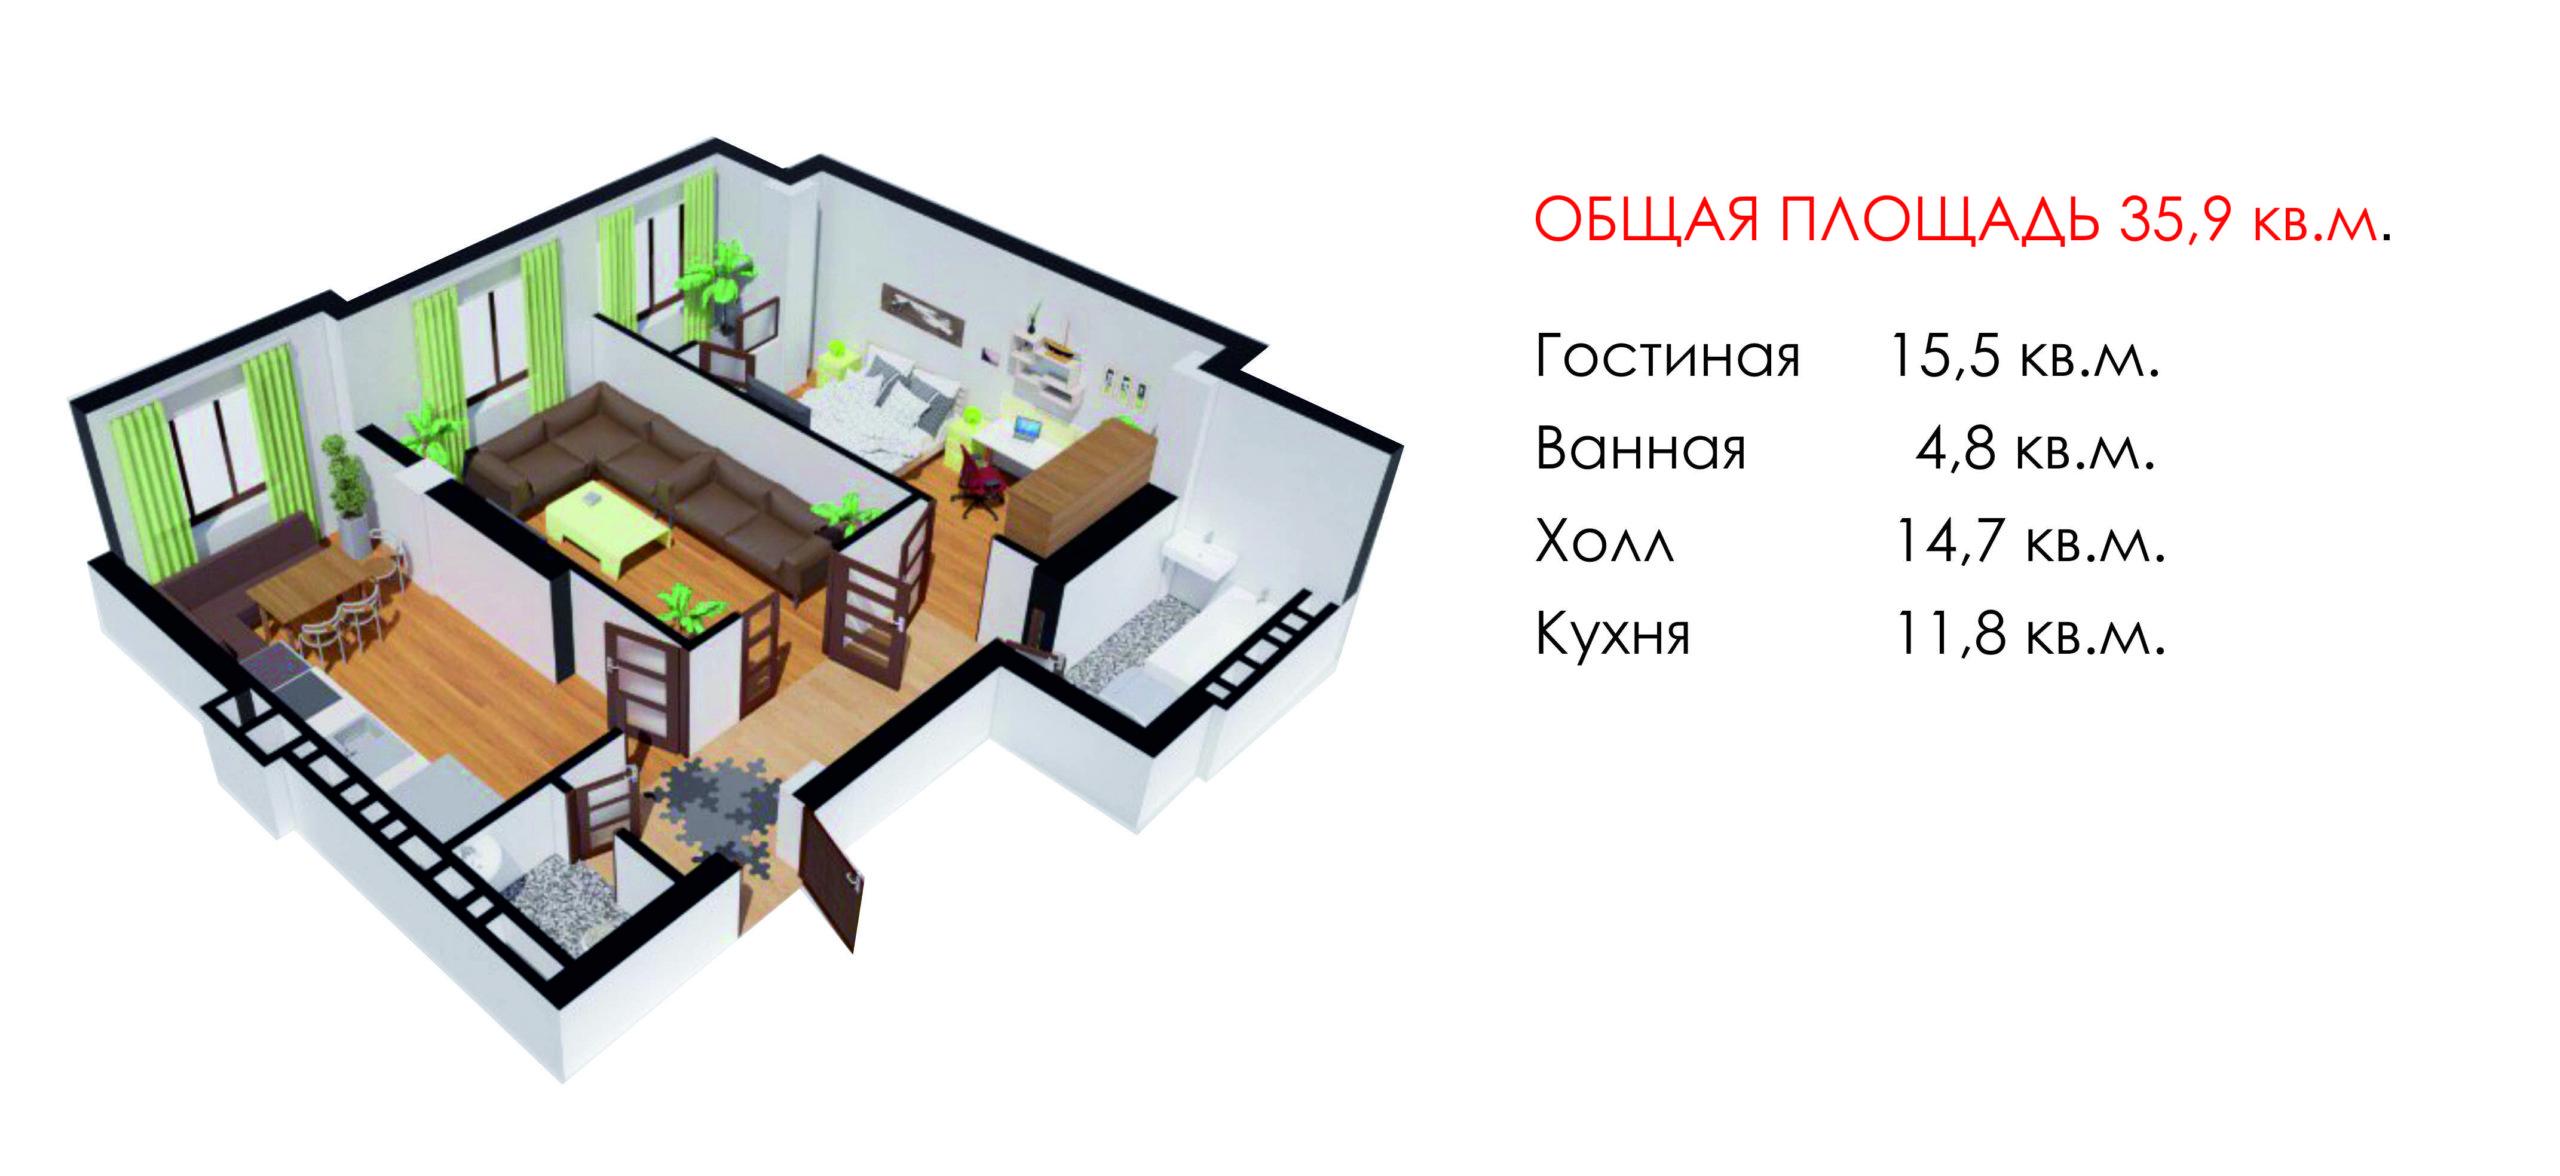 1-но комнатная квартира 39,5 кв.м.